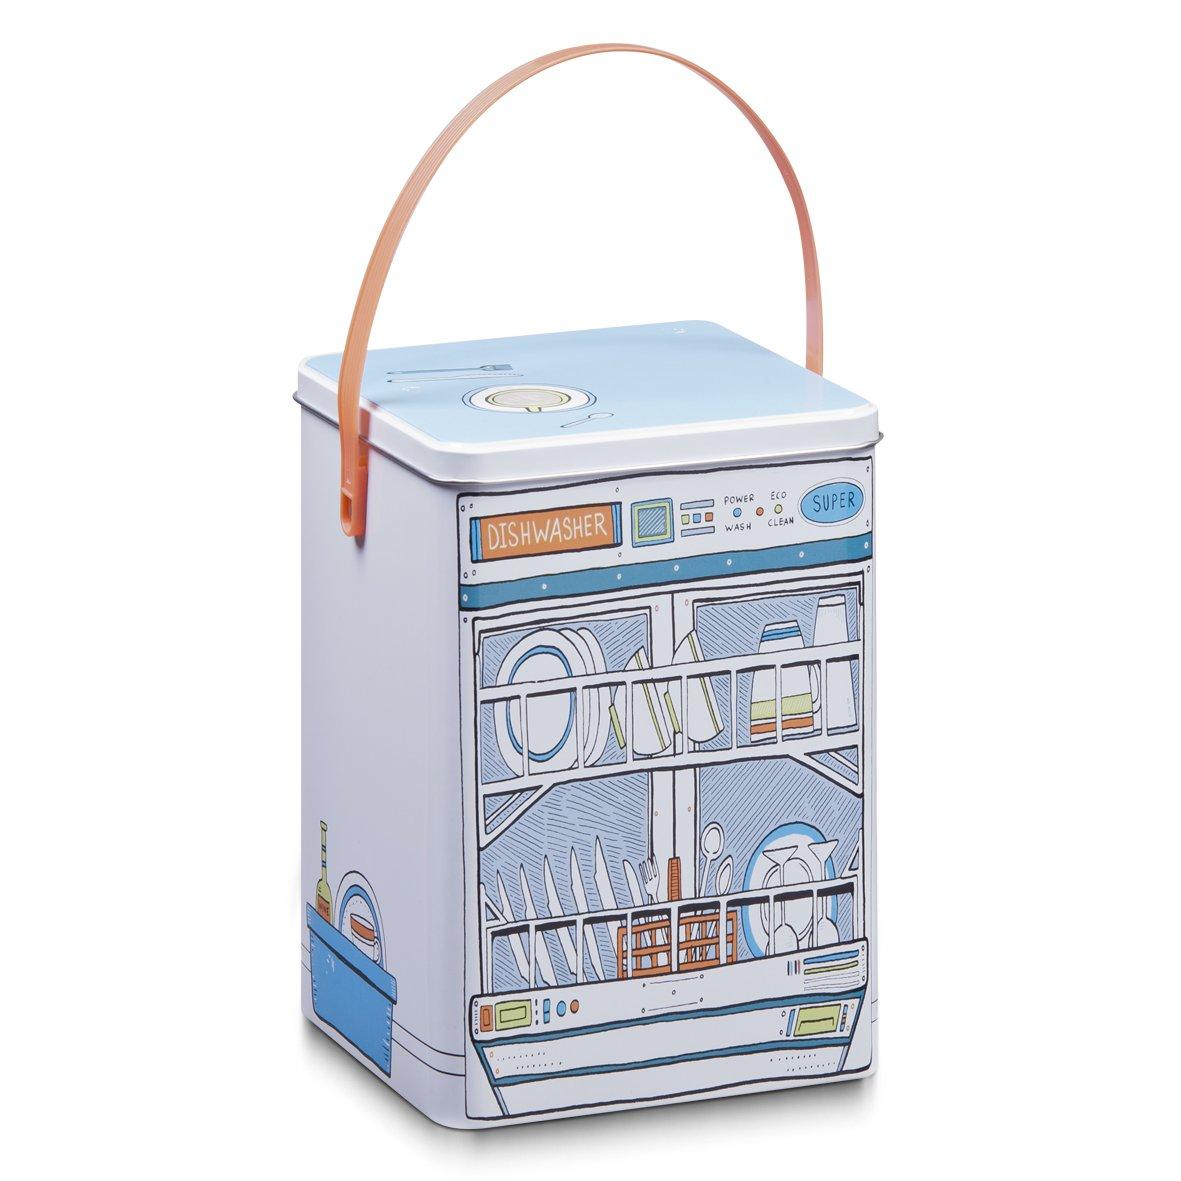 Zeller 19201 Dishwasher - Lata para guardar pastillas de lavavajillas (metal, 15 x 15 x 20,8 cm), diseño de lavavajillas   más información y comentarios